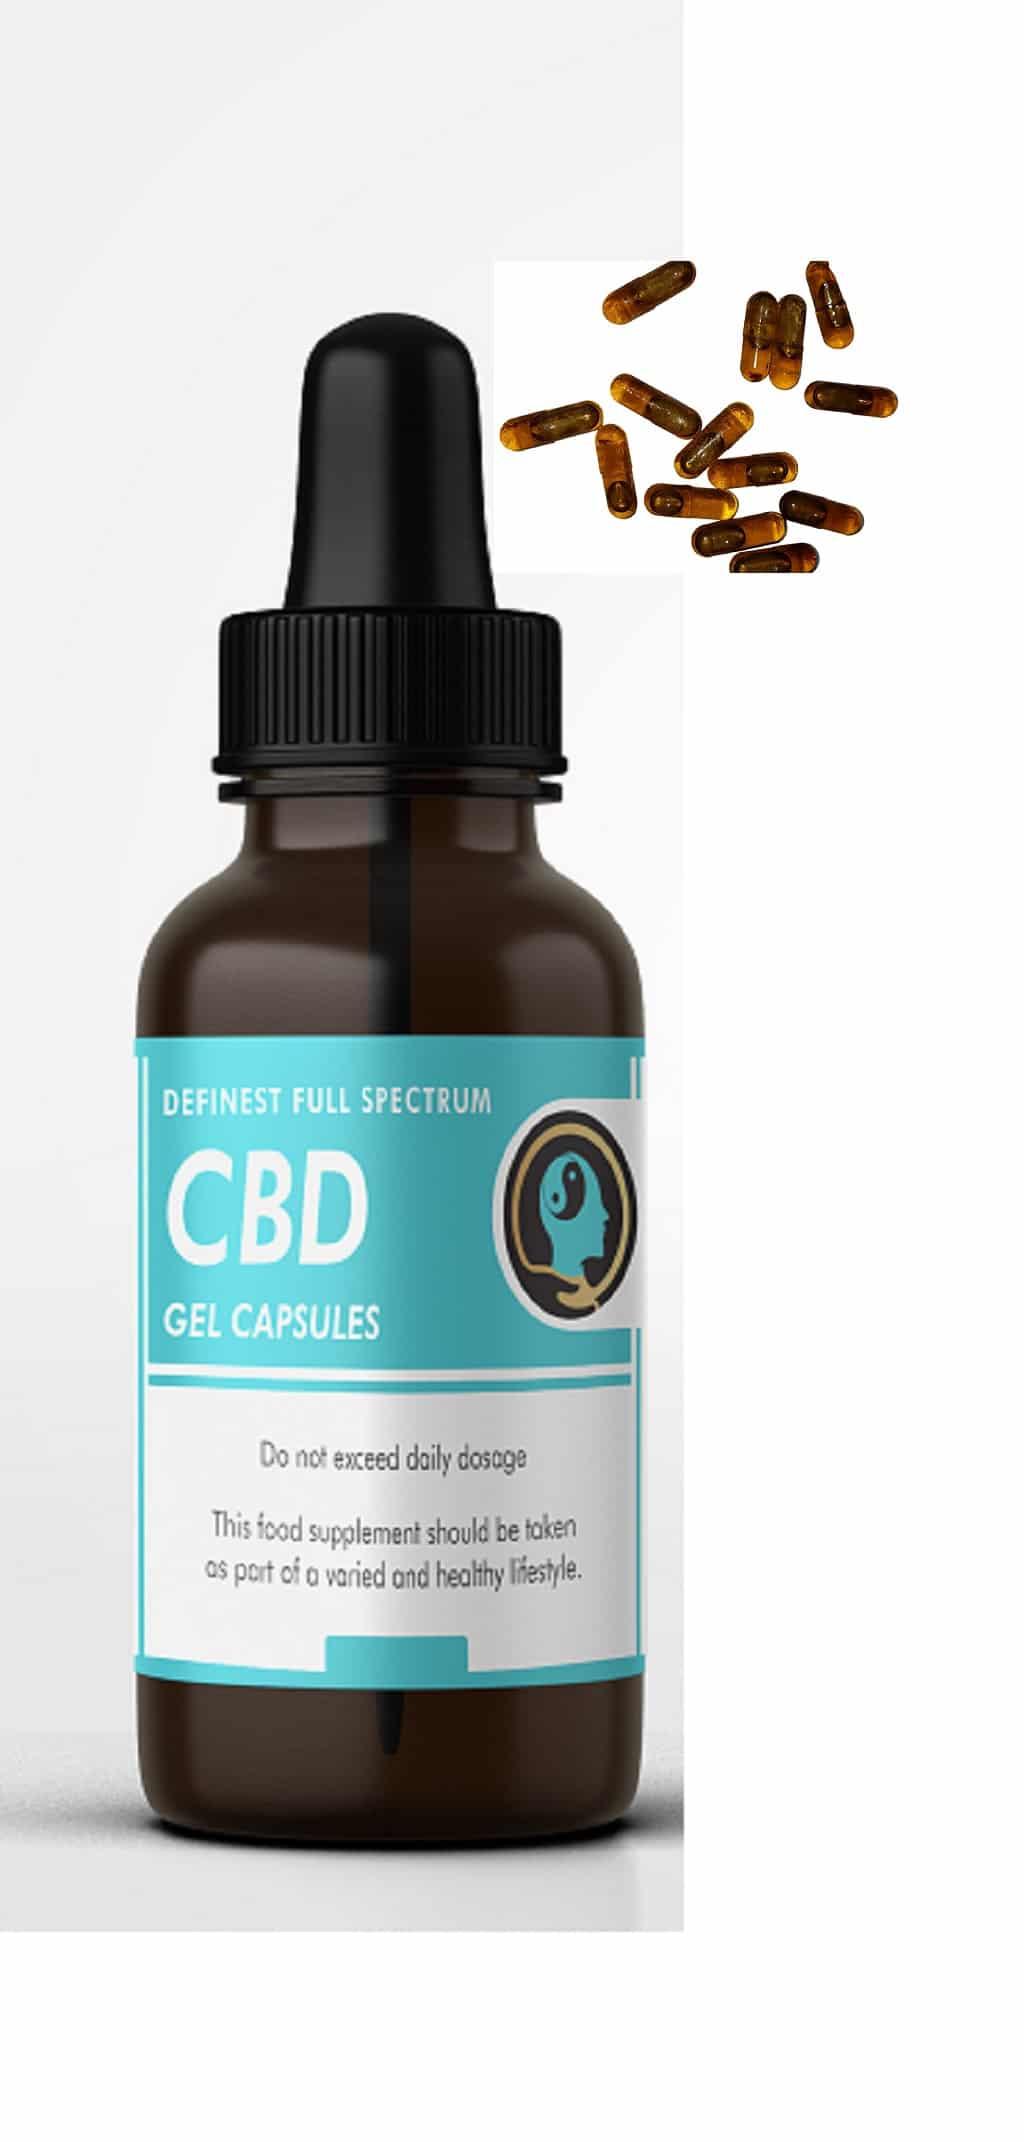 cbd-capsules-uk, cannabis-oil-capsules-uk, cbd-oil-capsules-uk, cannabis-capsules-uk, gelatine-capsules-uk, cbd-oil-capsules-for-sale, buy-cbd-extract-online, cbd-oil-online-sale, cannabis-capsulesfor-sale, cbd-oil-for-anxiety-for-sale,nom- psychoactive-cbd-oil- for-sale